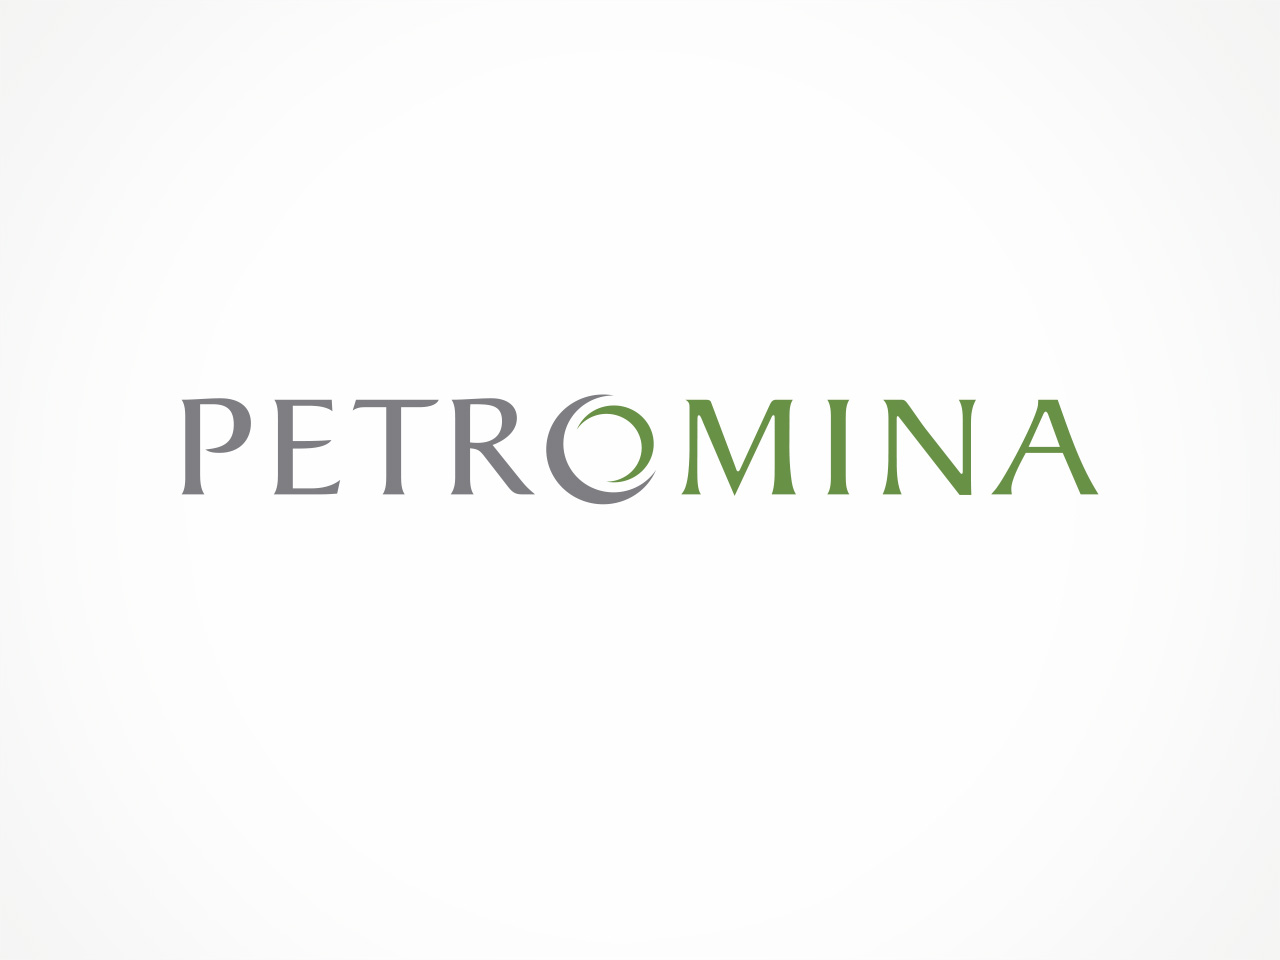 Petromina logo